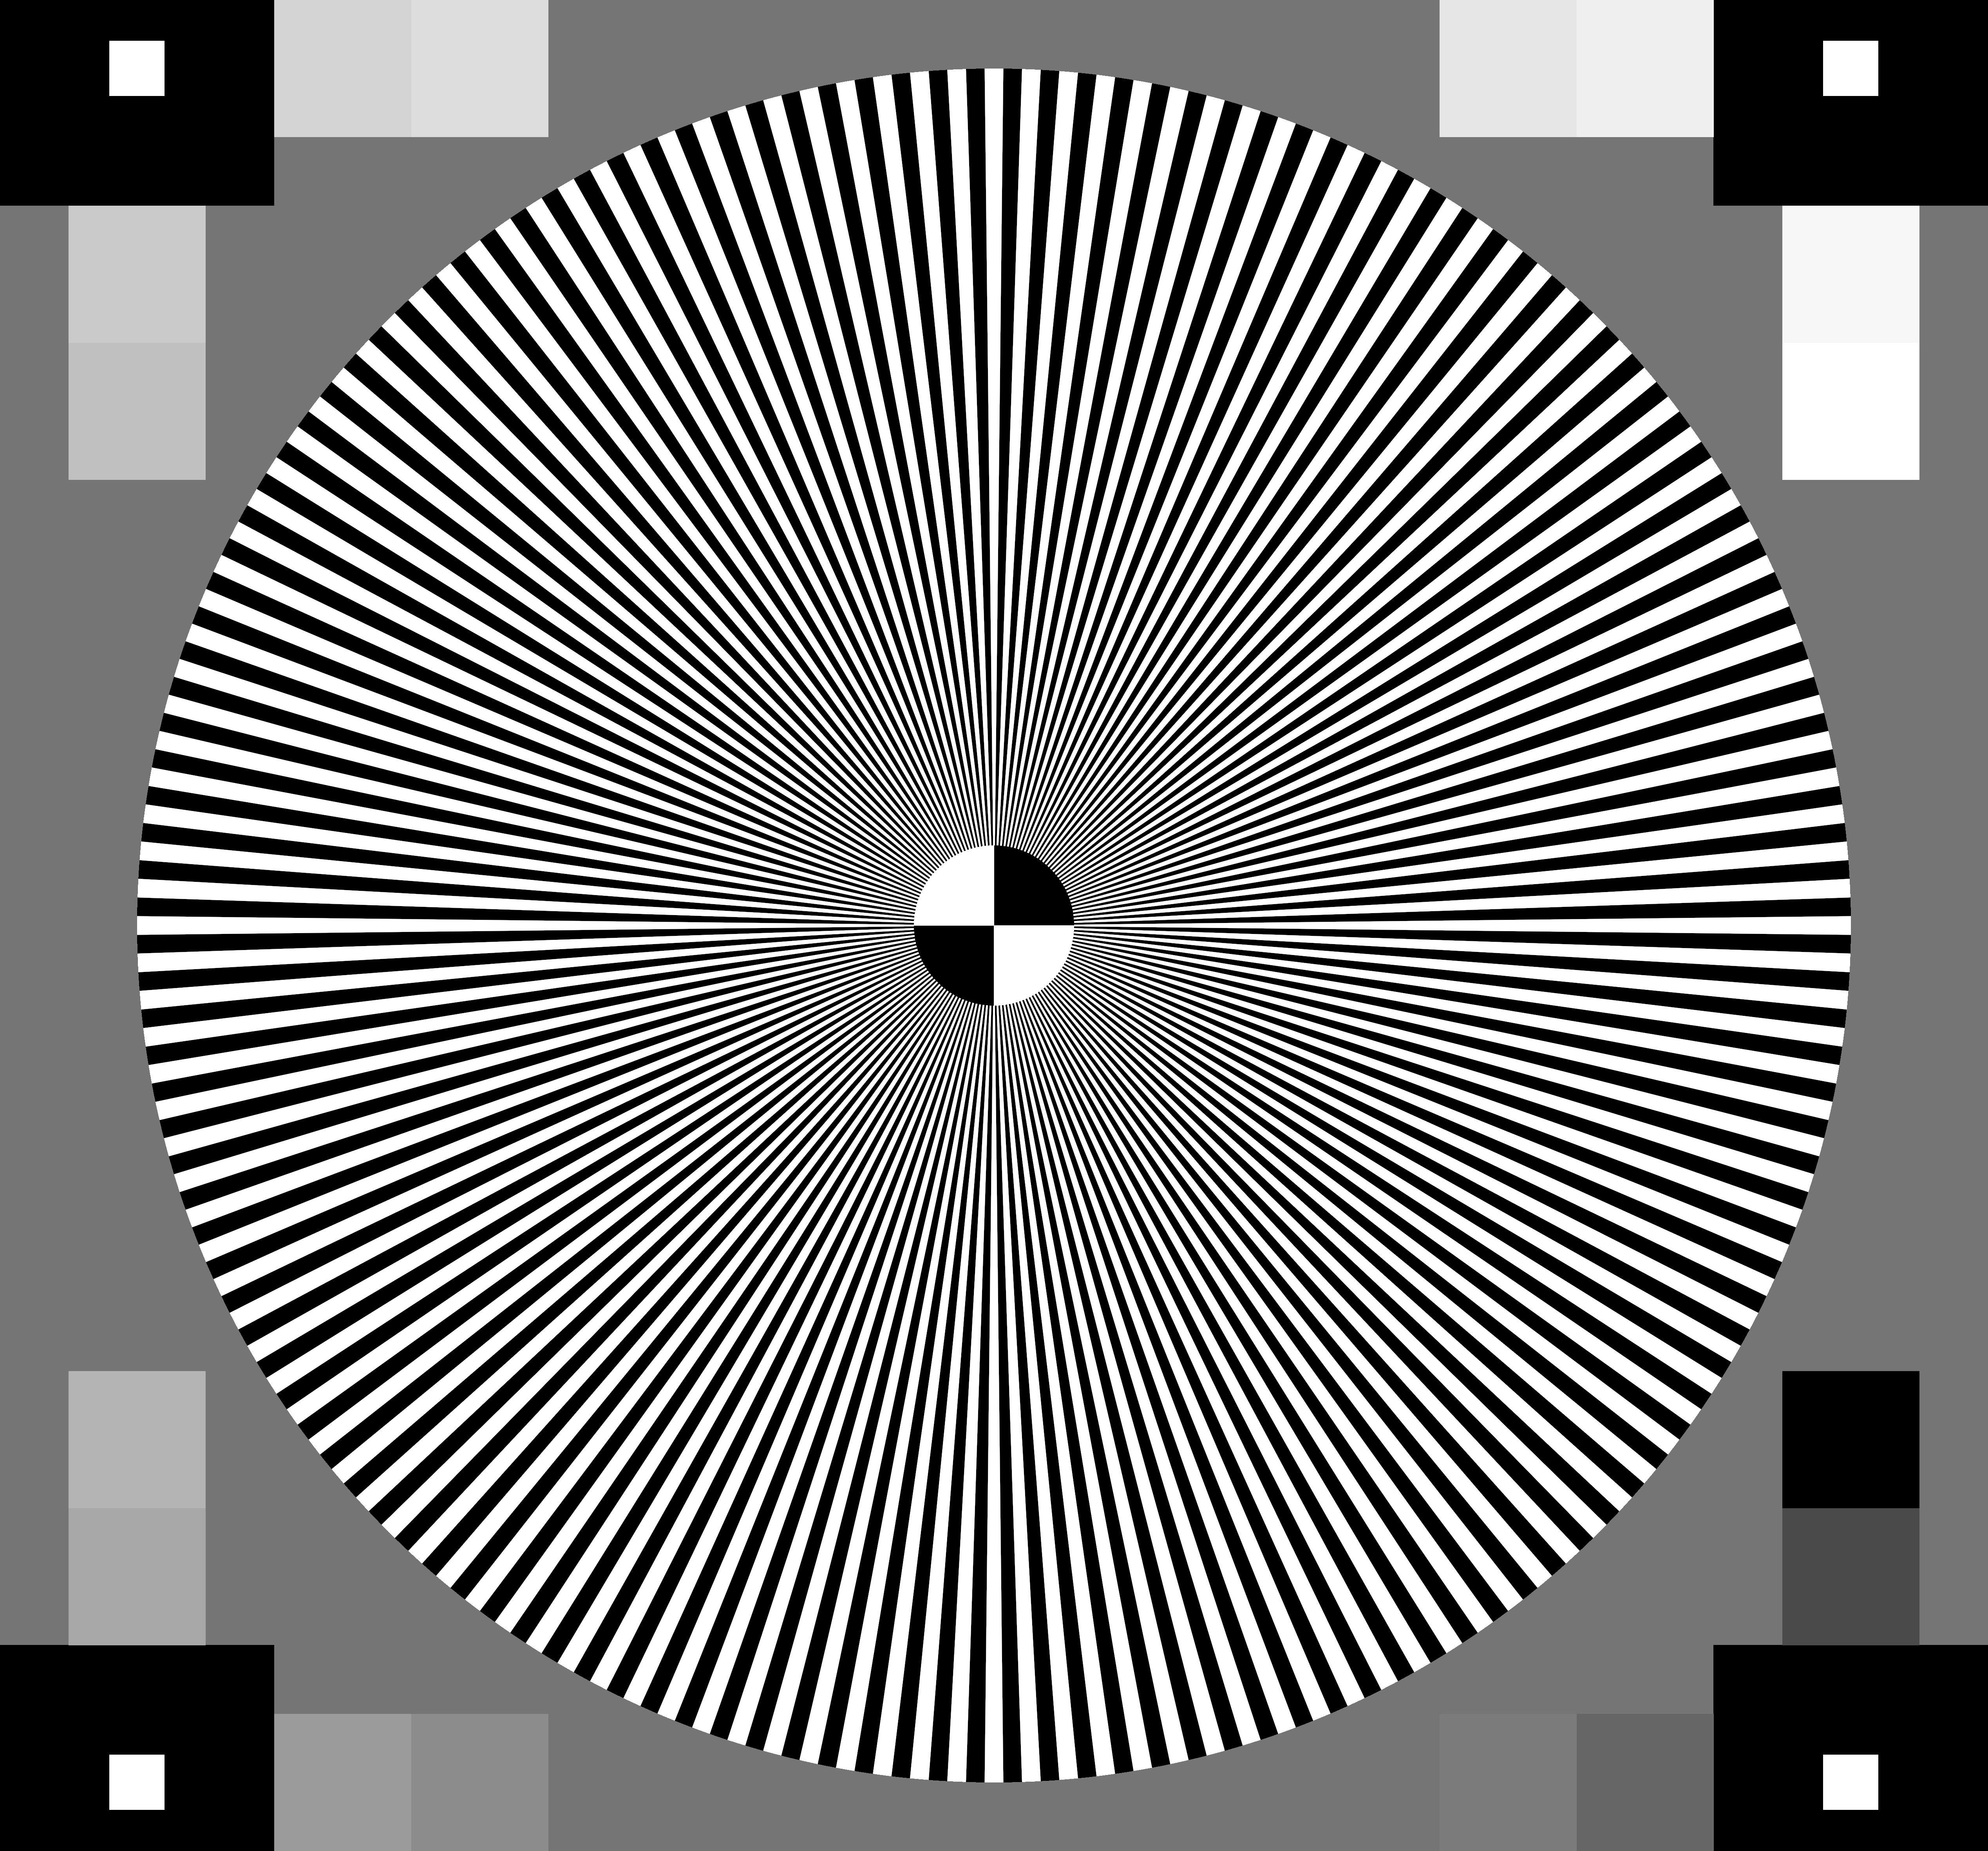 High Resolution Test Patterns